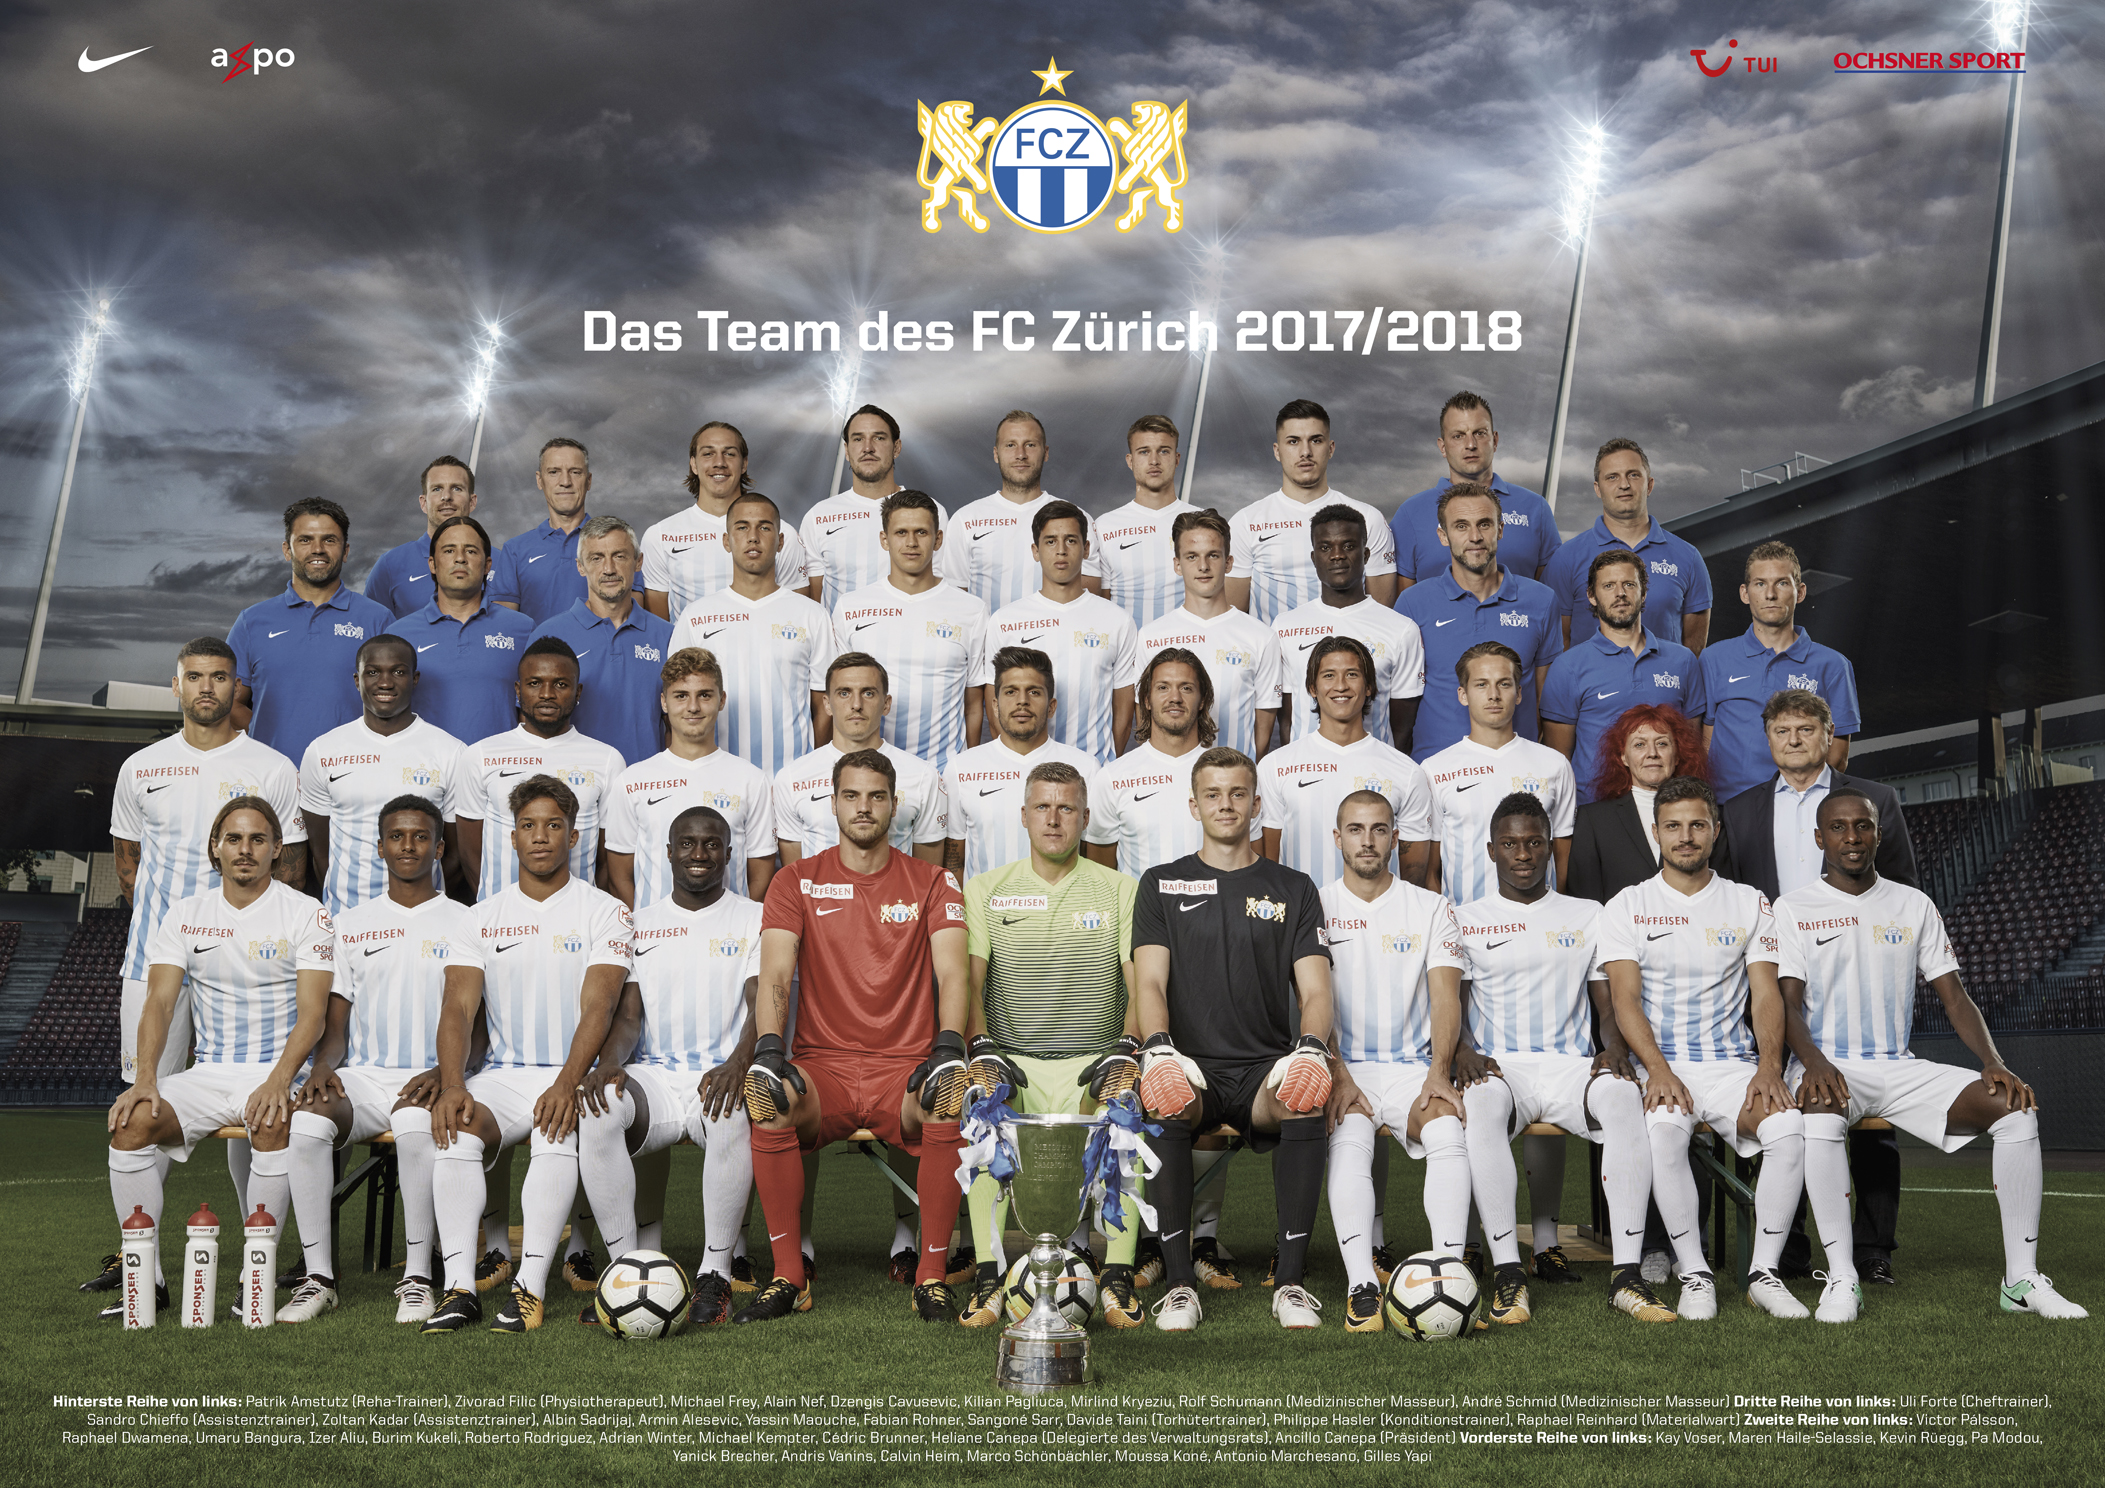 Bild des FC Zürich Fussballteams. Ein Bild wo bestmöglich kein Spieler abgeschnitten werden sollte.